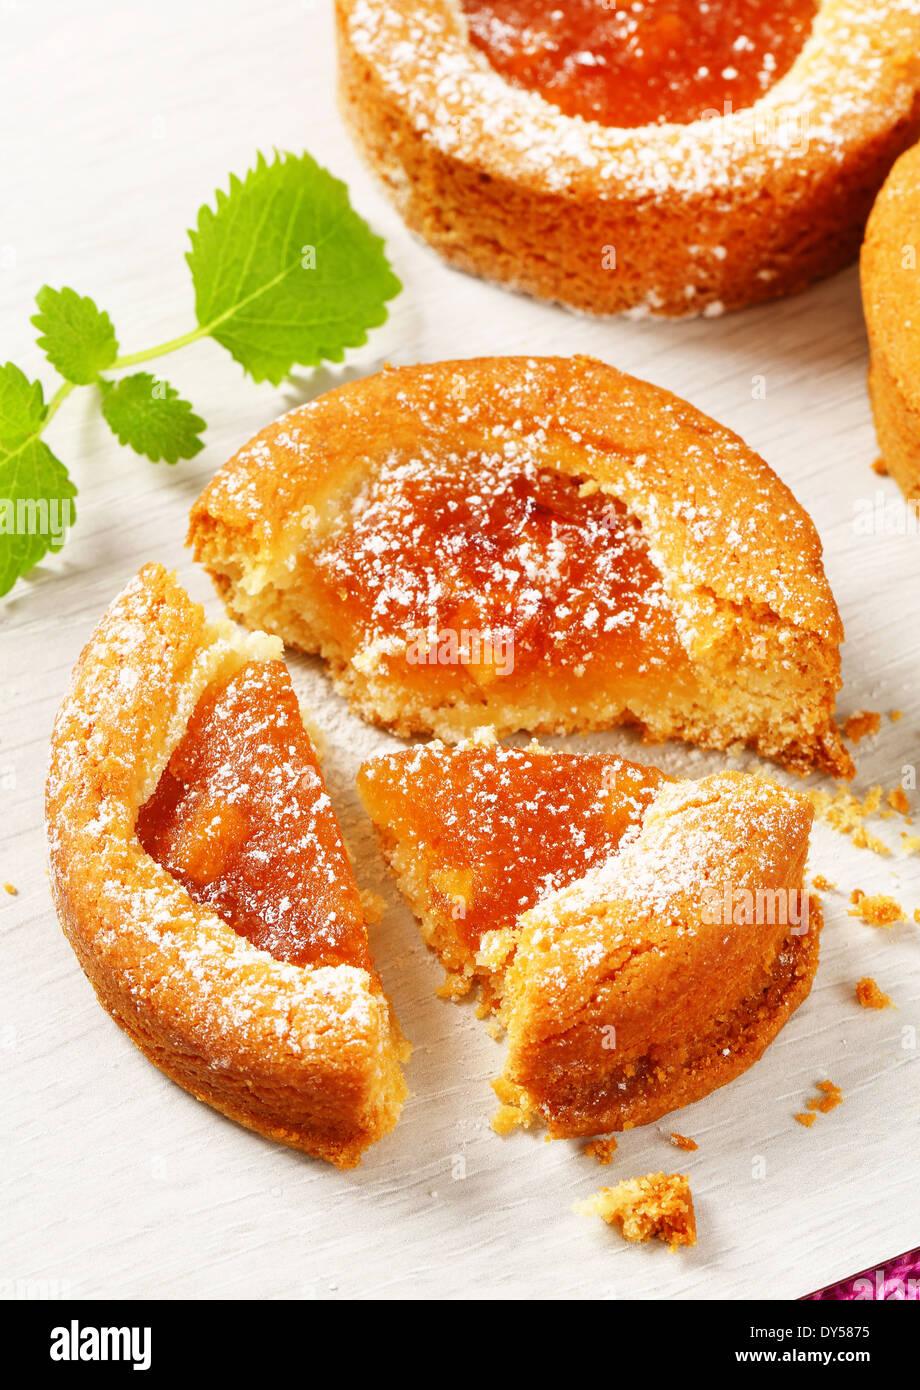 Kleine Runde Kuchen gefüllt mit Apfelmus Stockbild